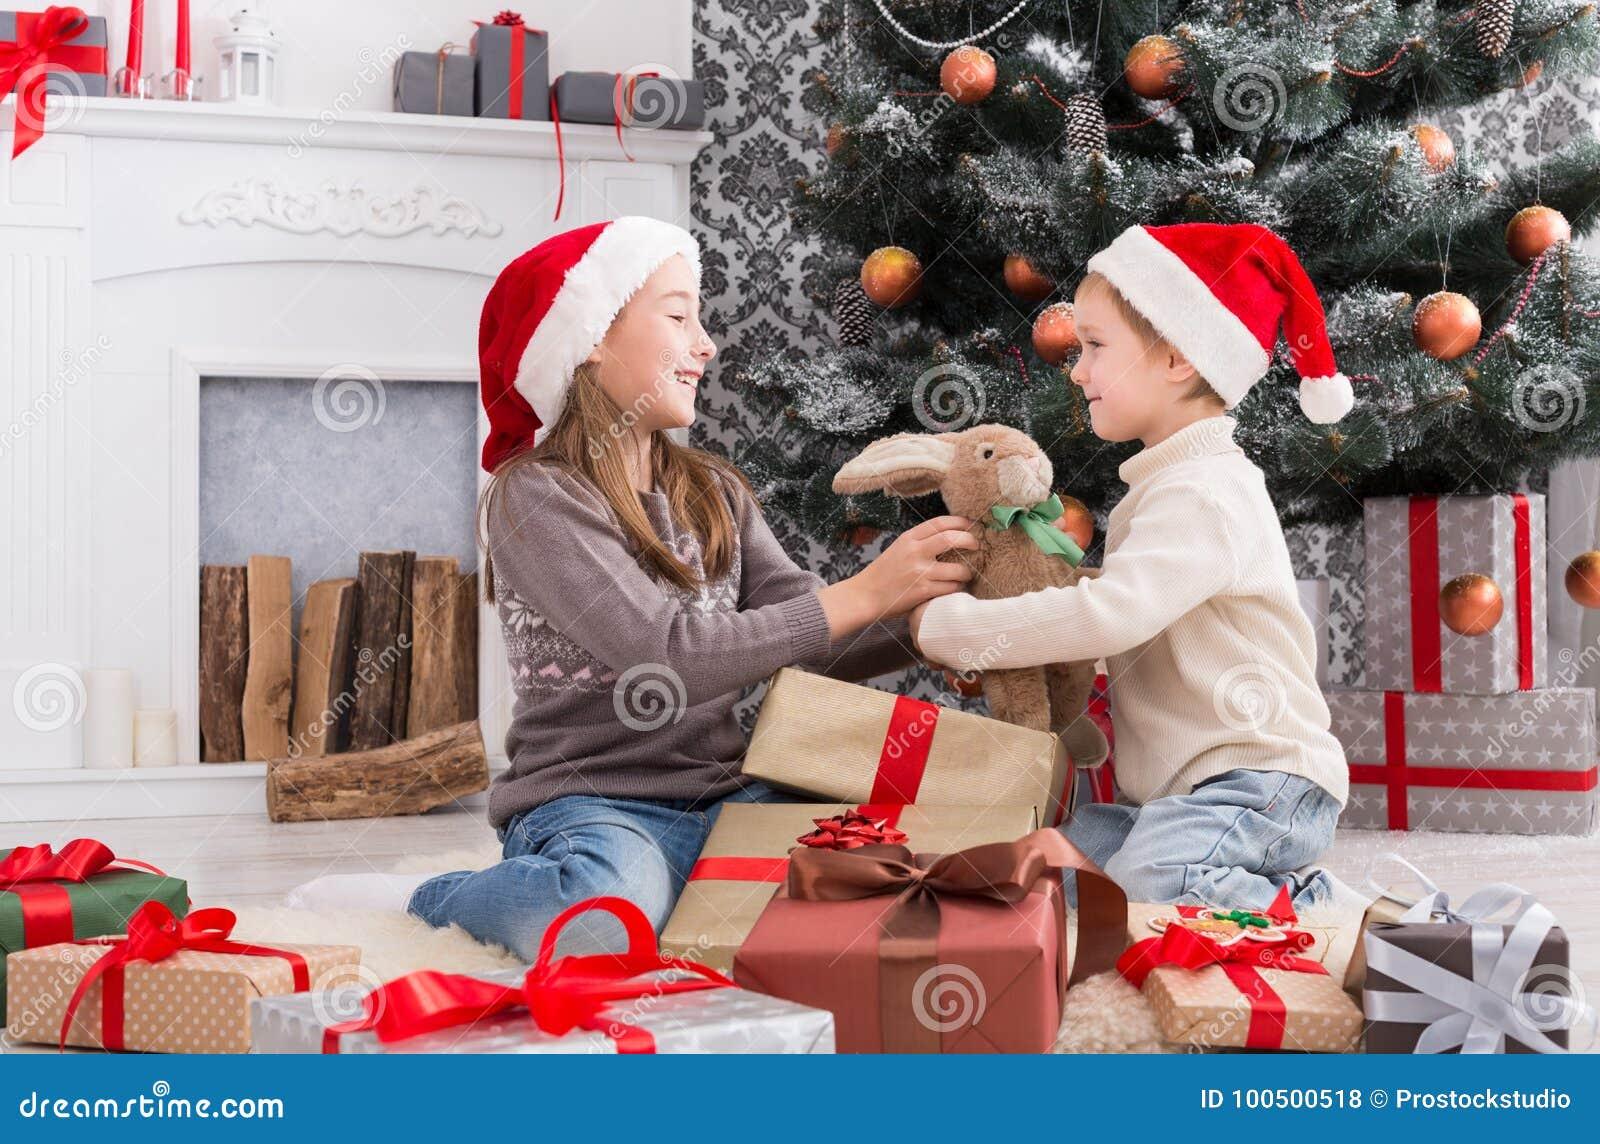 Die Weihnachtsgeschenke.Glückliche Kinder In Sankt Hüten Die Weihnachtsgeschenke Auspacken